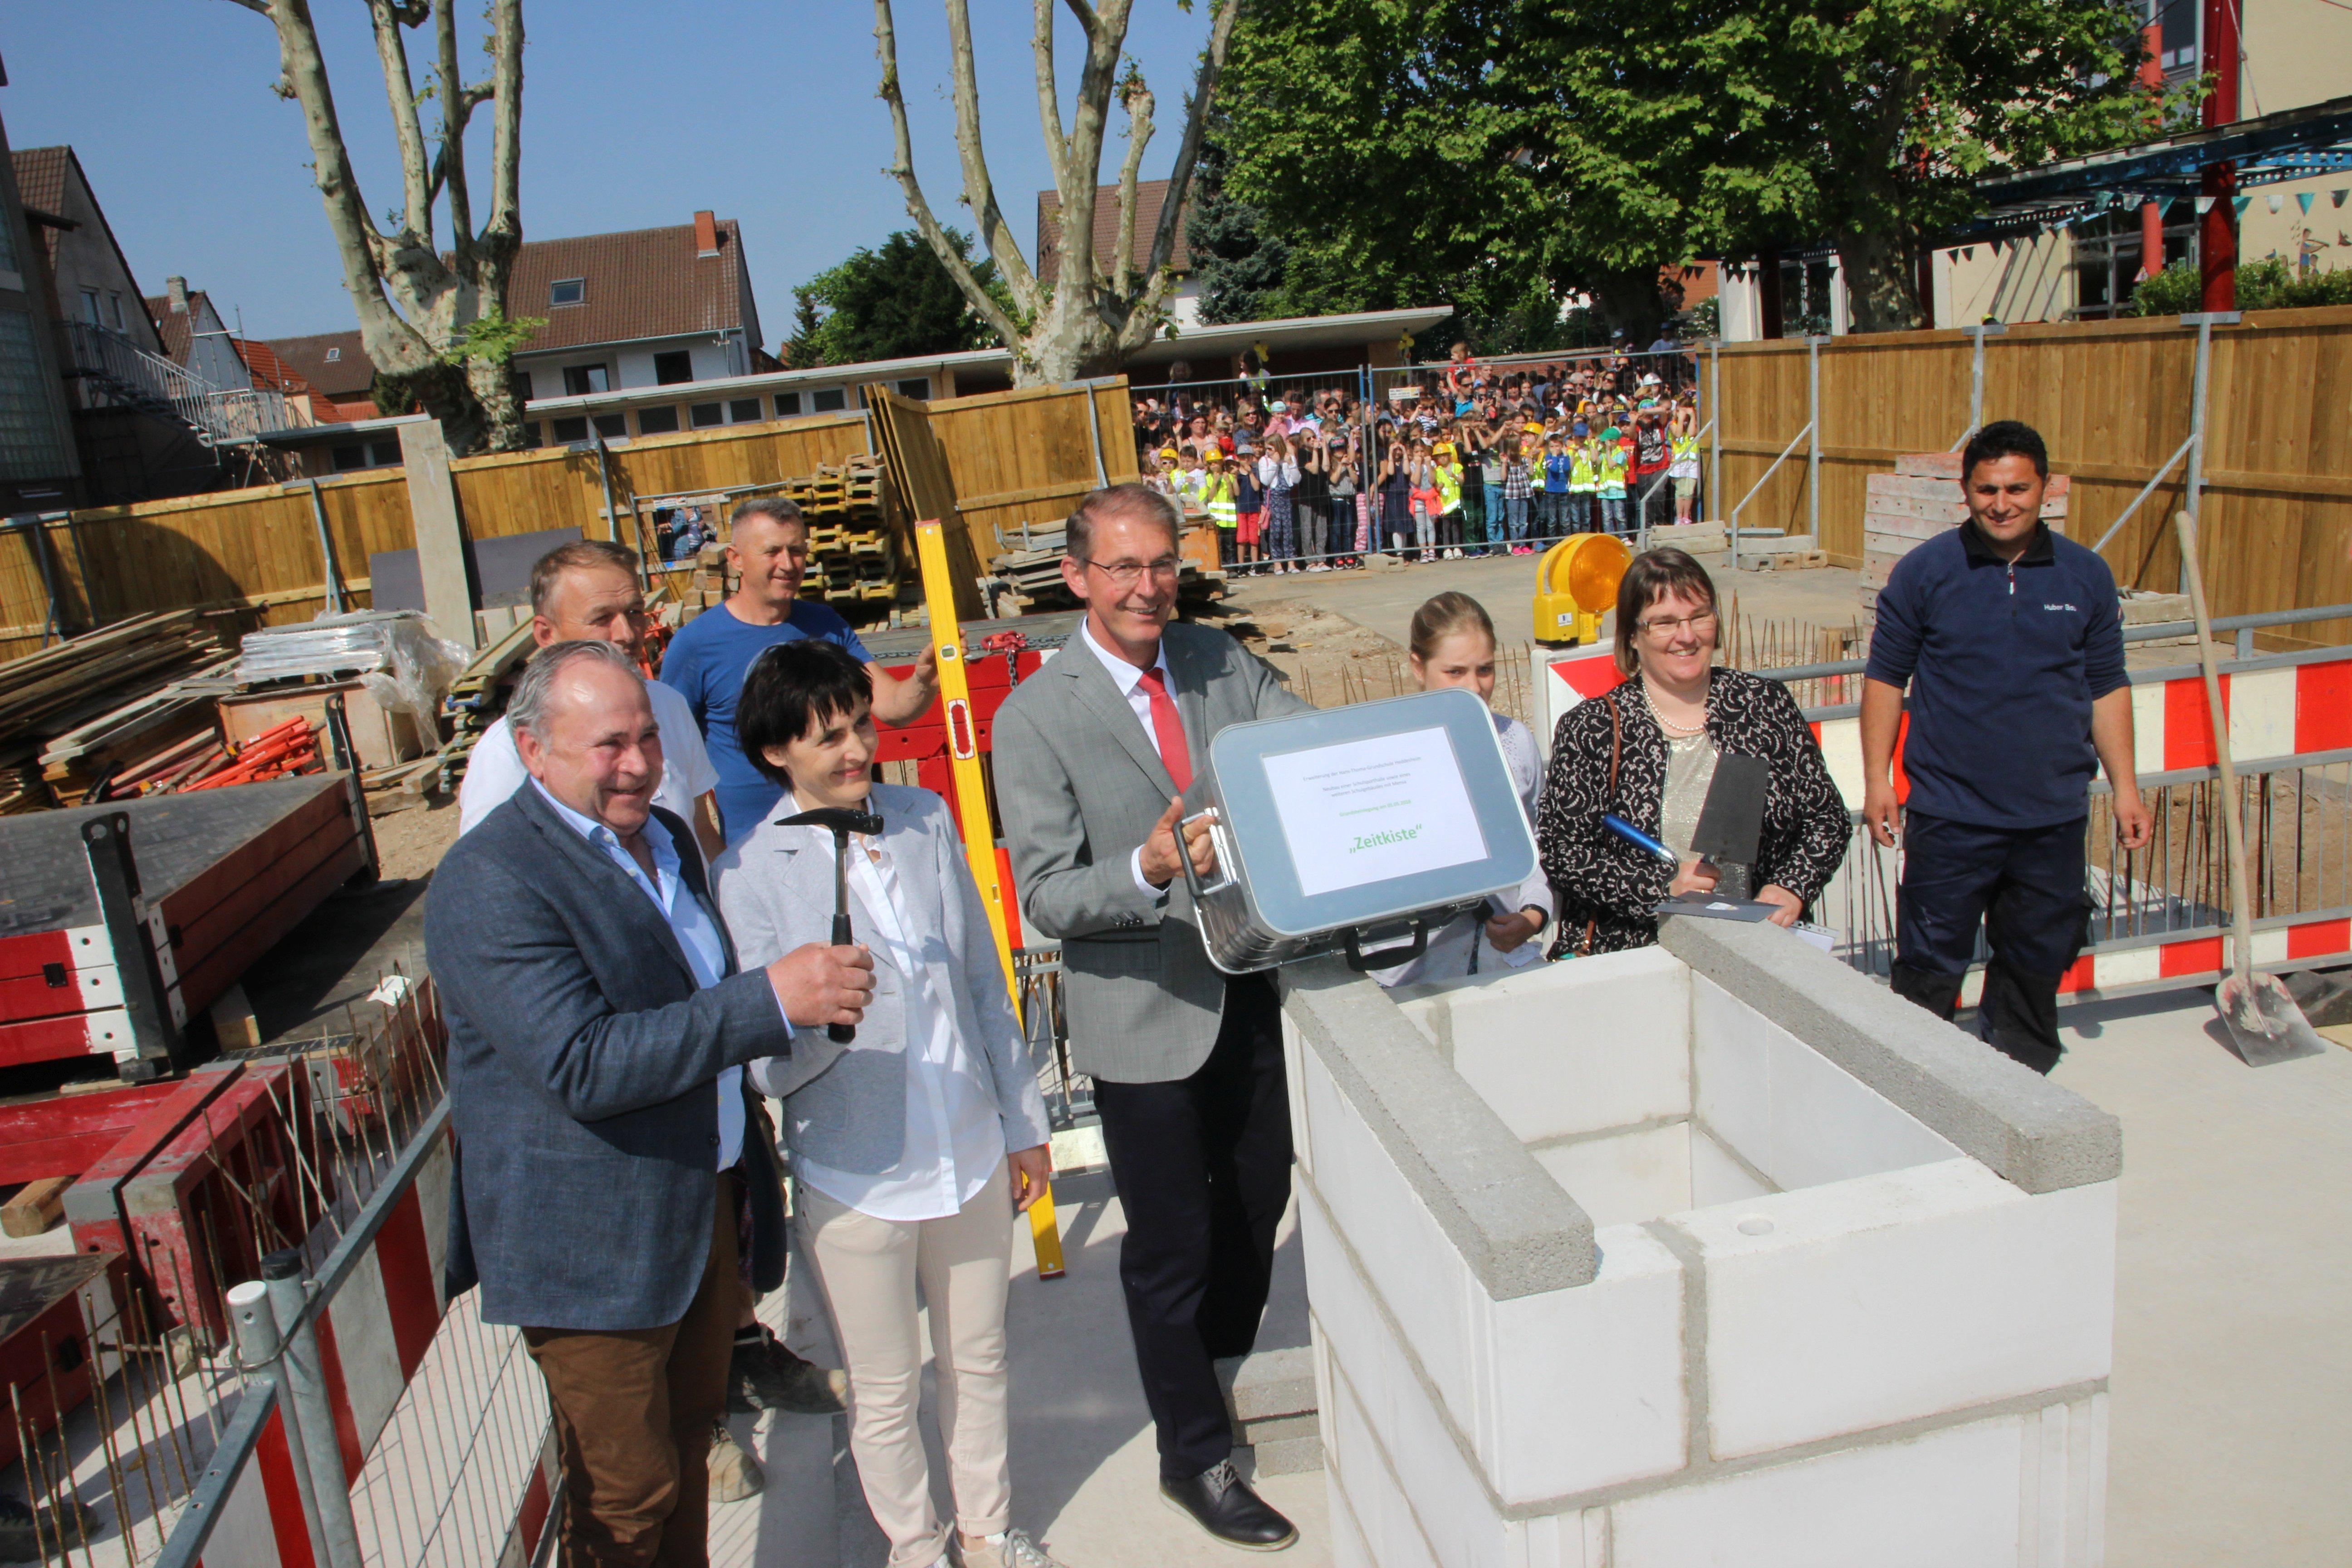 Ein großes Ereignis 2019: Die Grundsteinlegung für das neue Schulgebäude an der Hans-Thoma-Schule